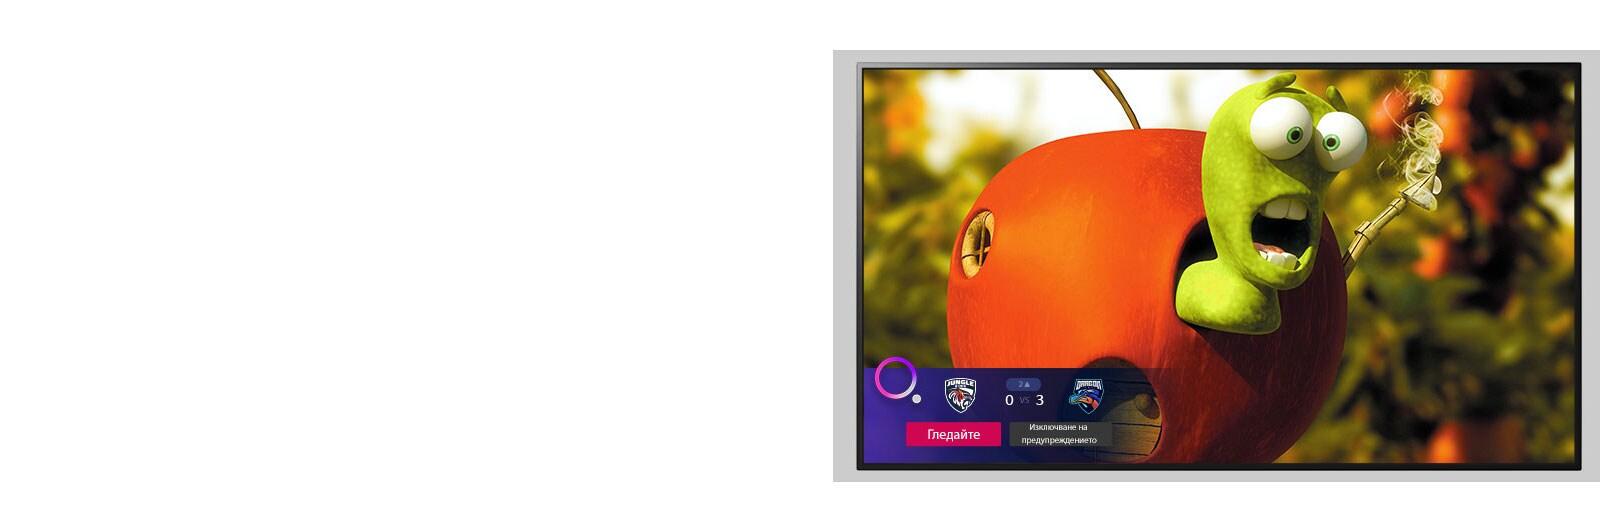 Телевизор, на който се вижда анимиран рисуван герой и предупреждението за спортно събитие в долния край на екрана.